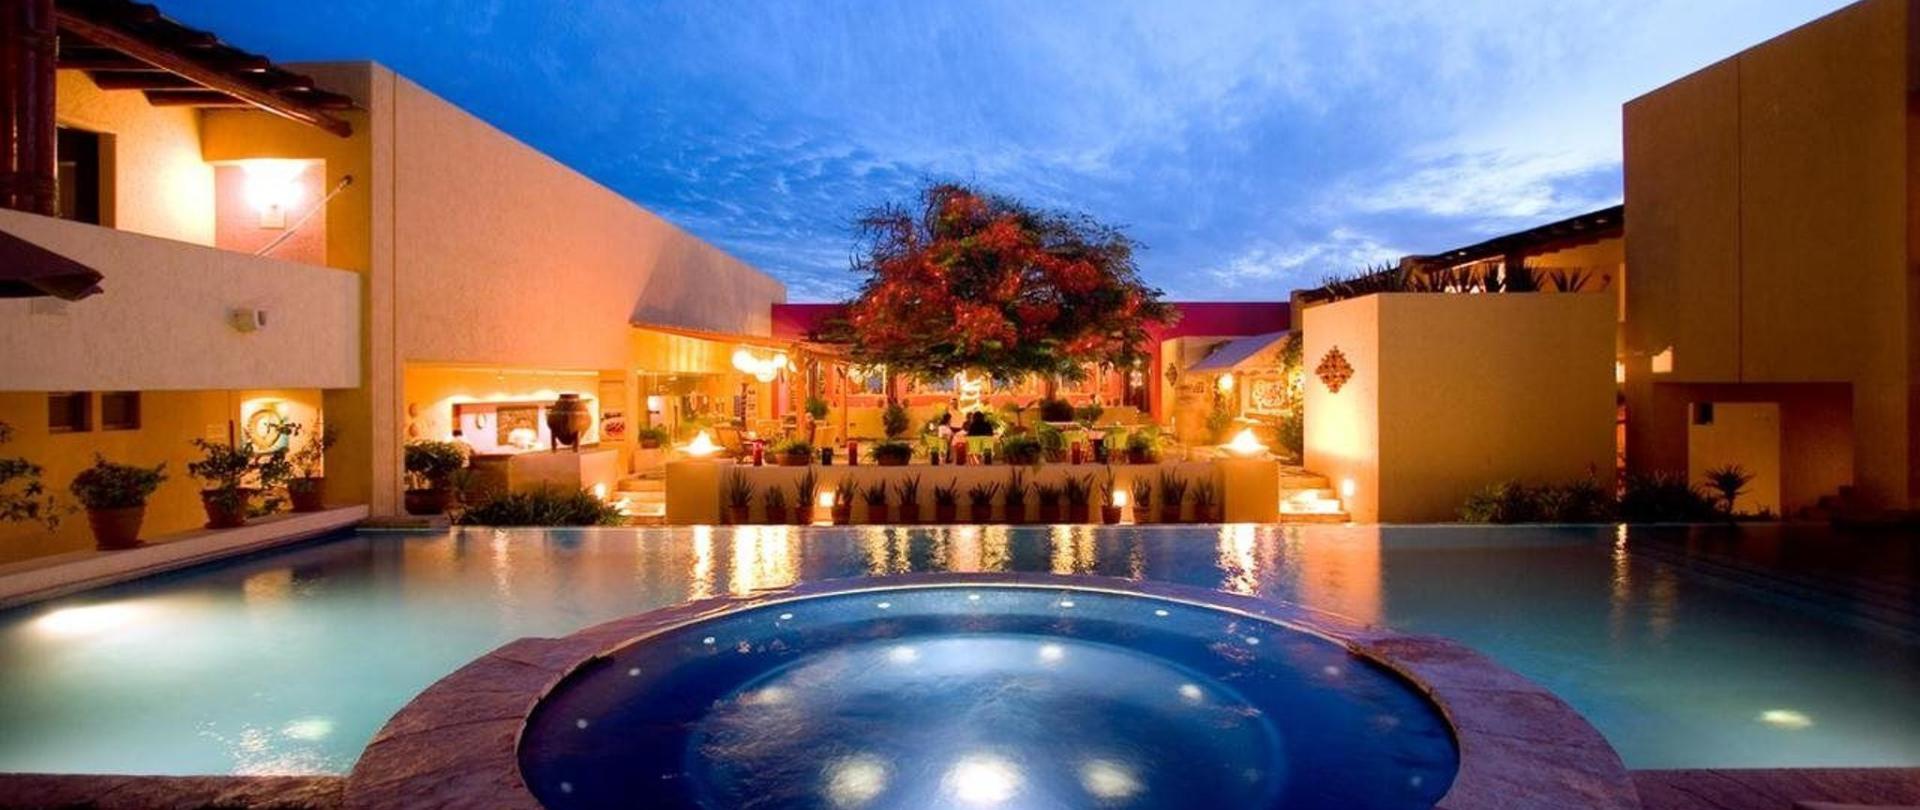 Hotel Los Patios.jpg